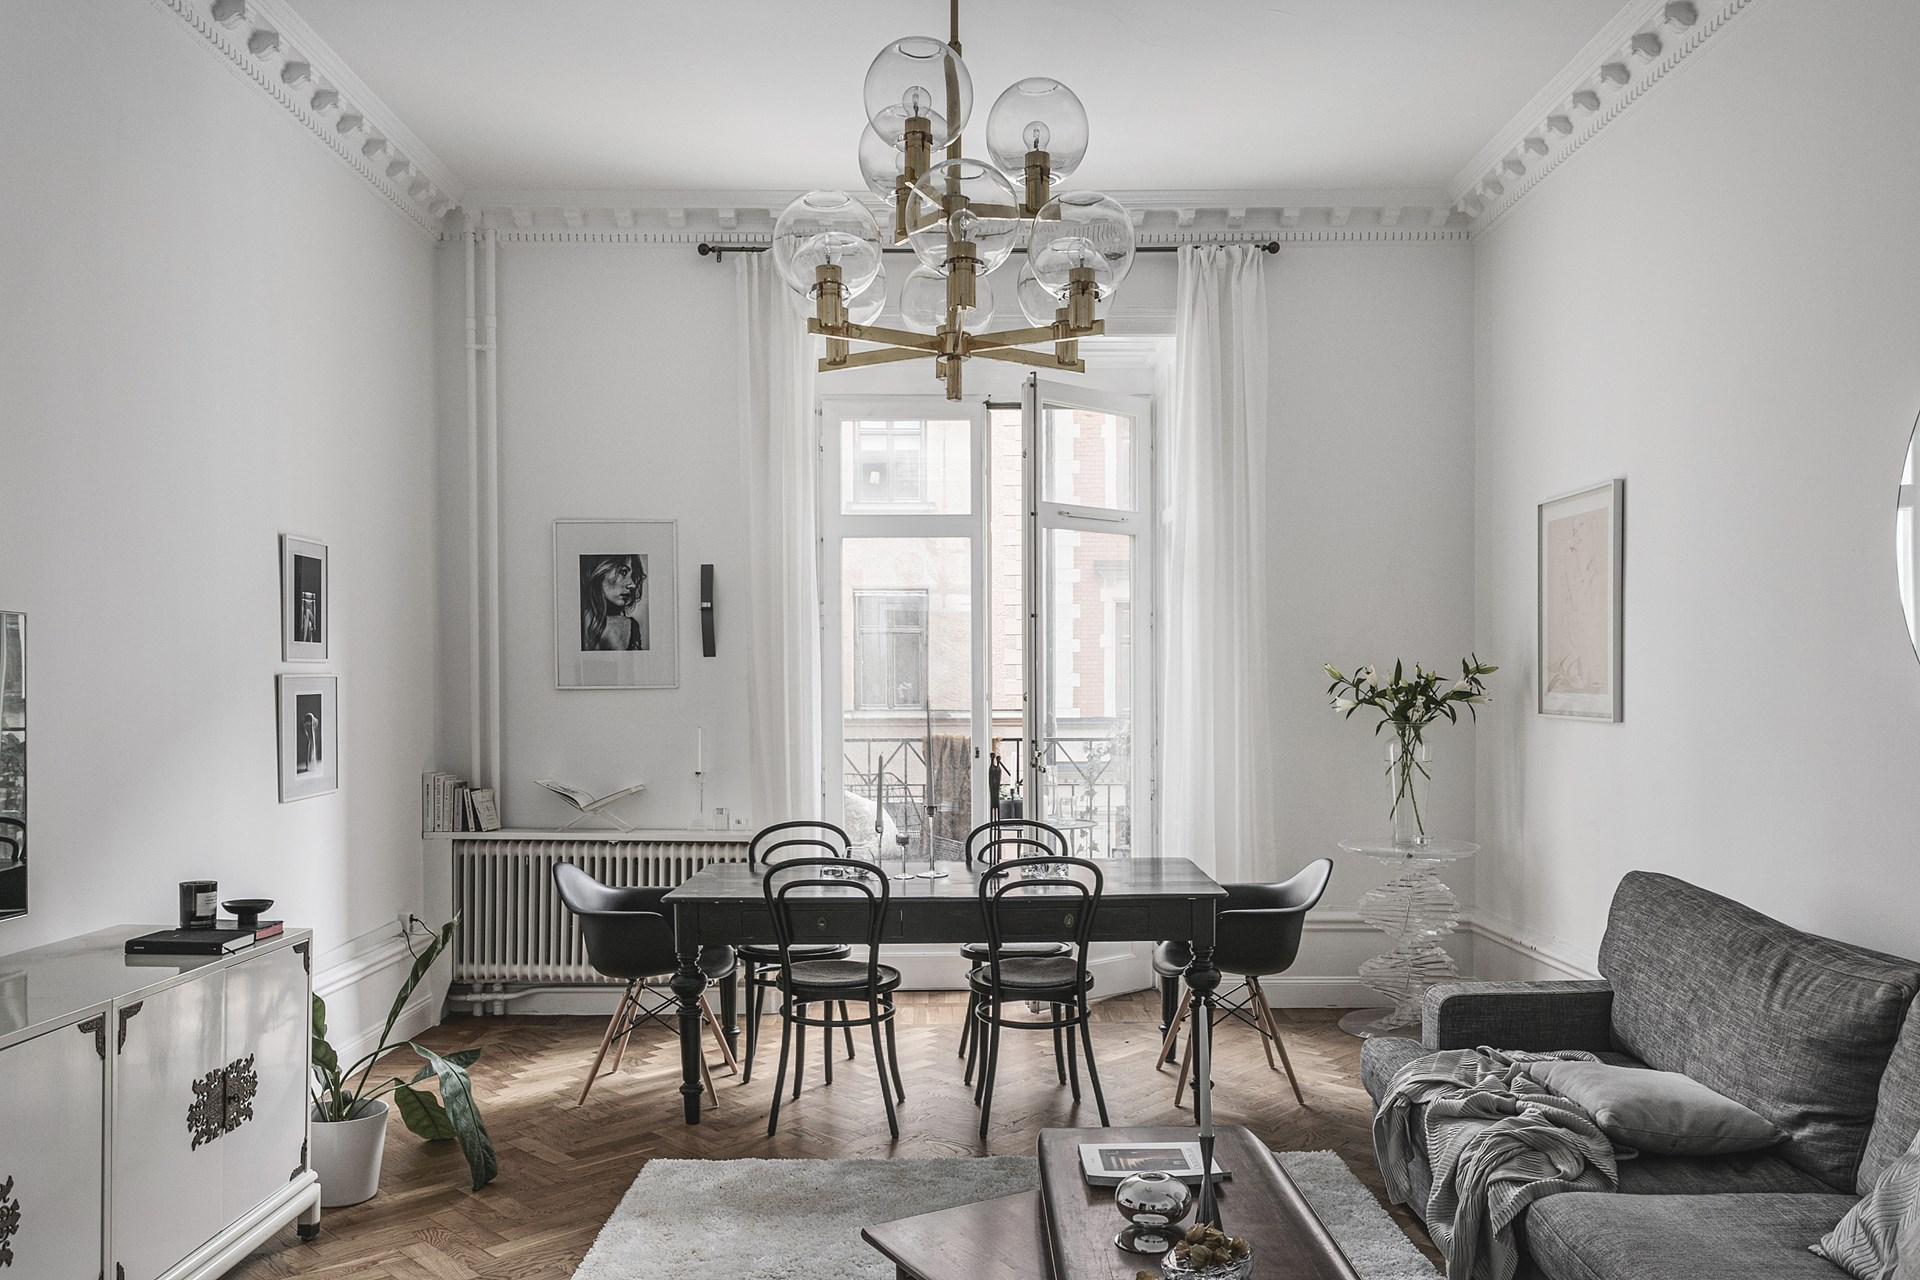 квартира 89 квм гостиная обеденный стол